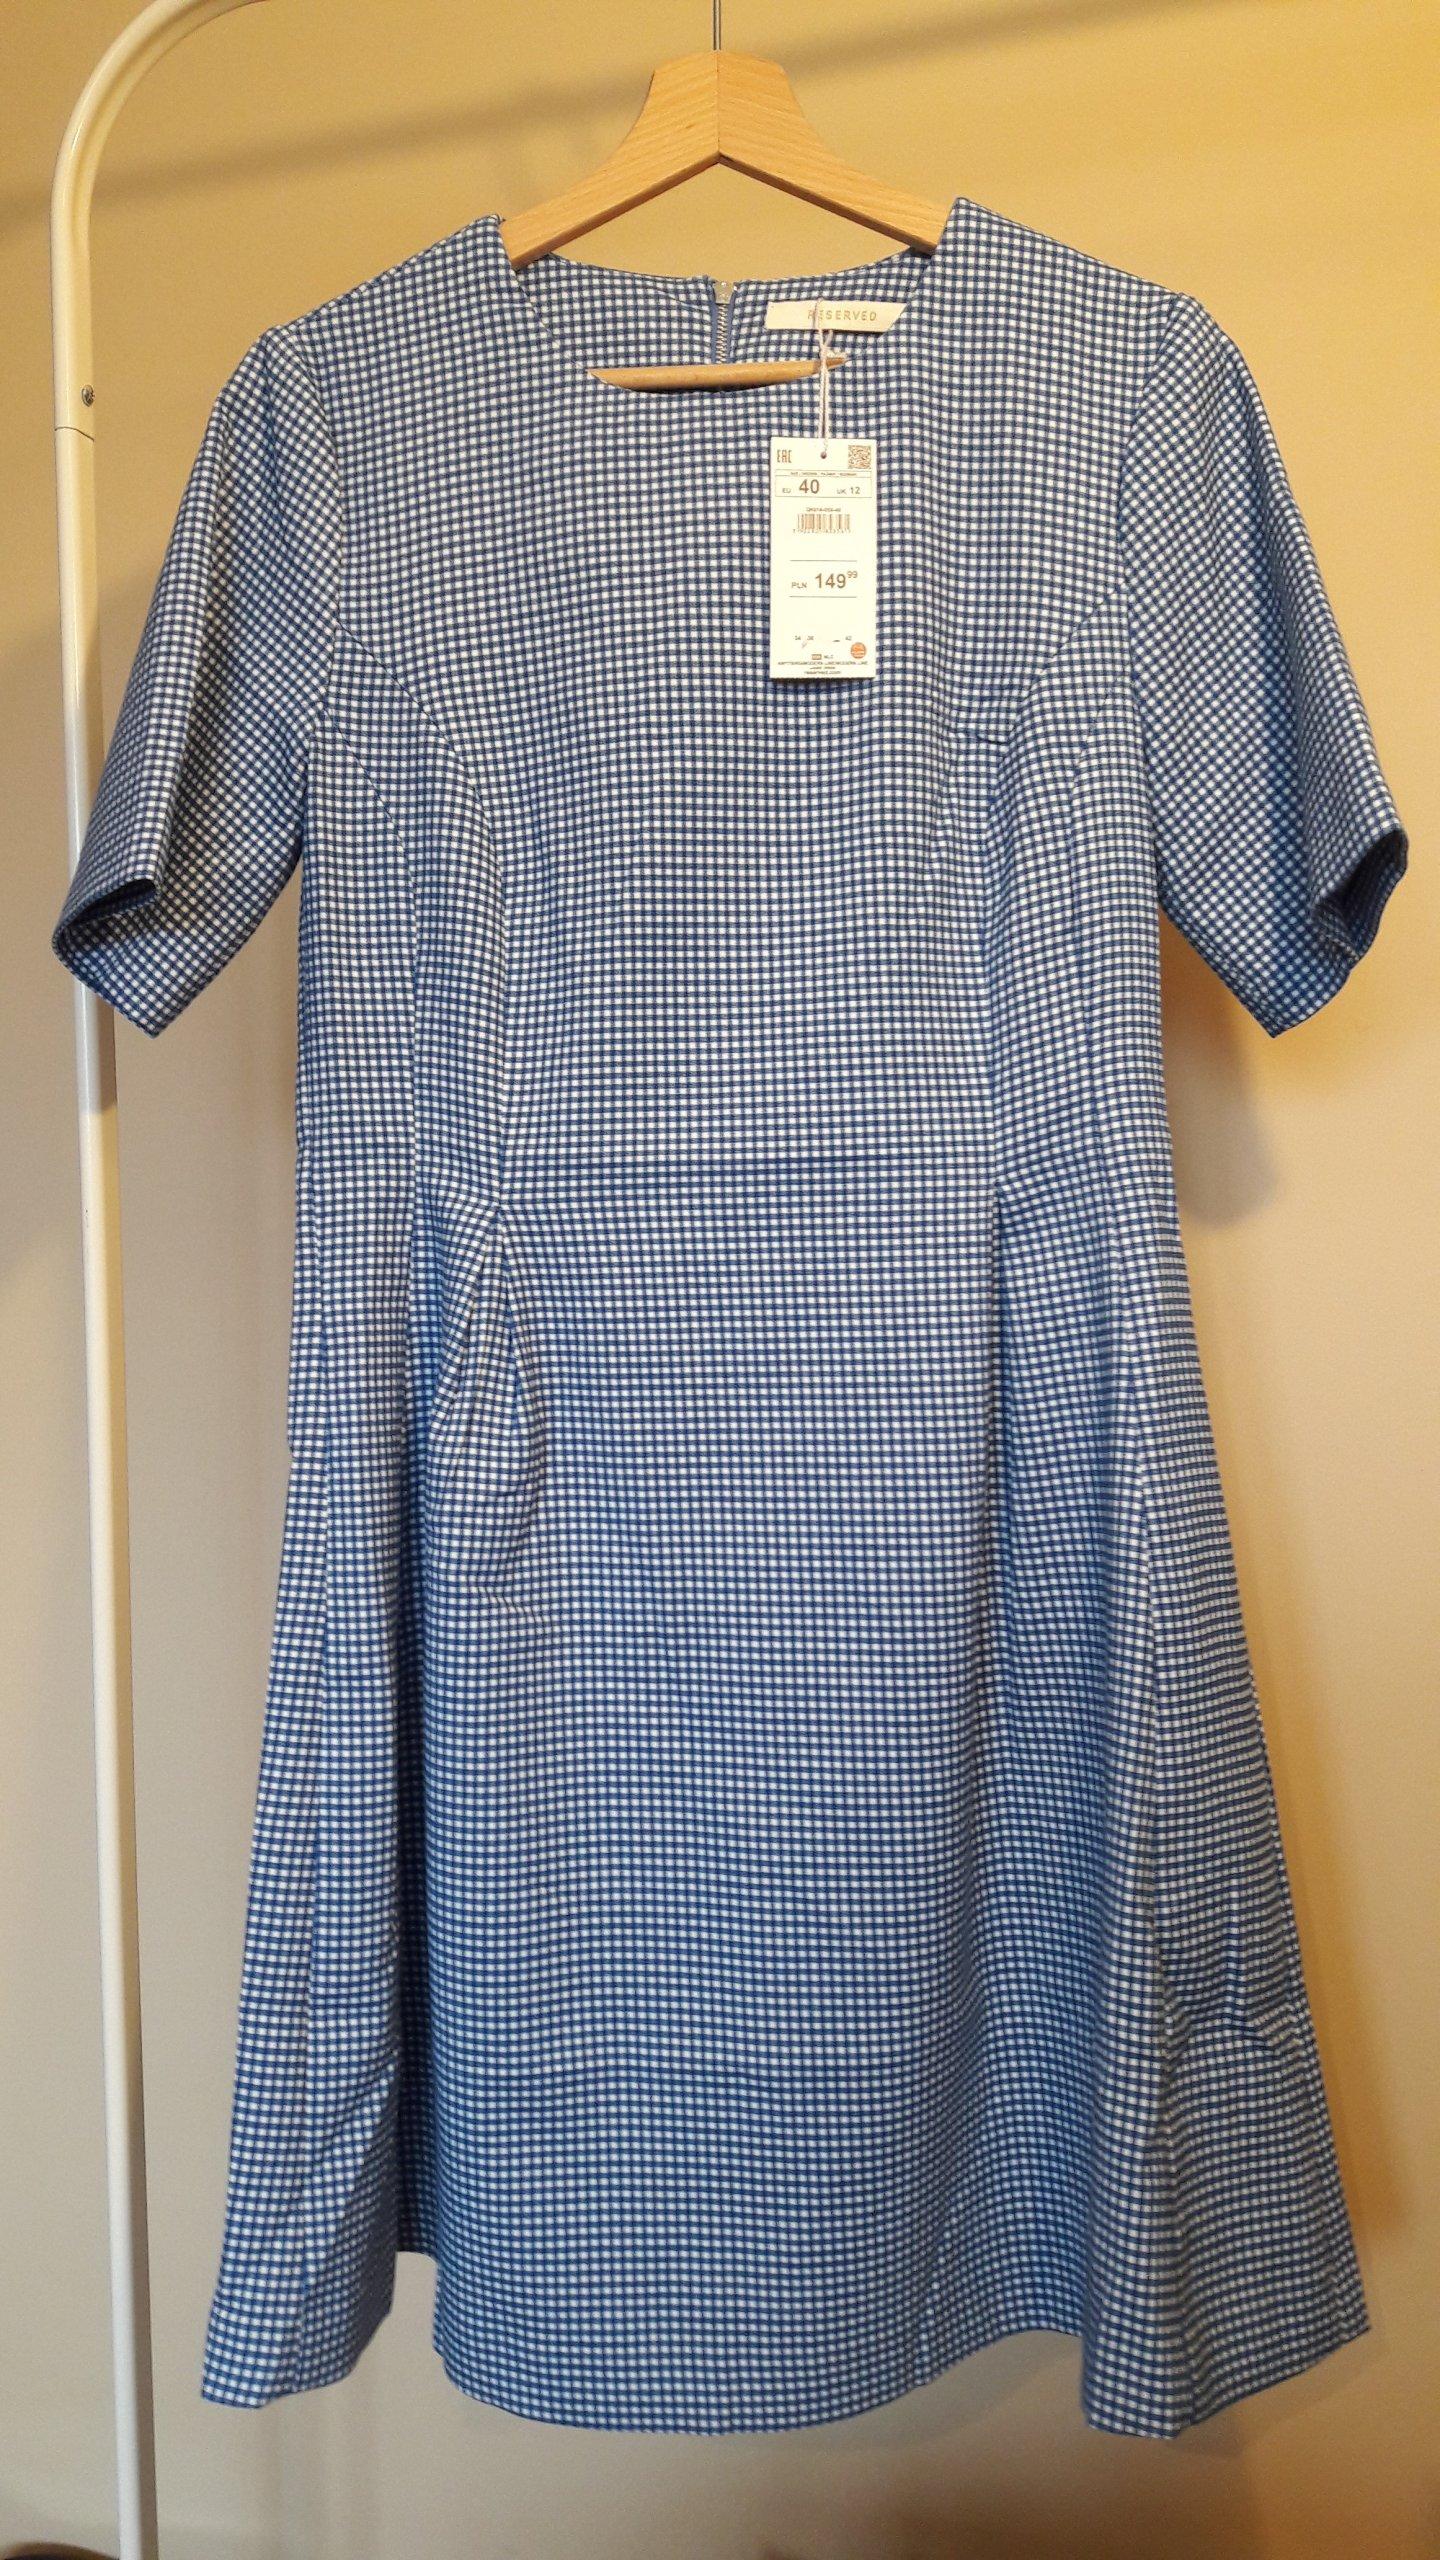 b92c3c40c50ec Sukienka RESERVED w biało-niebieską kratkę rozm. L - 7052268777 ...